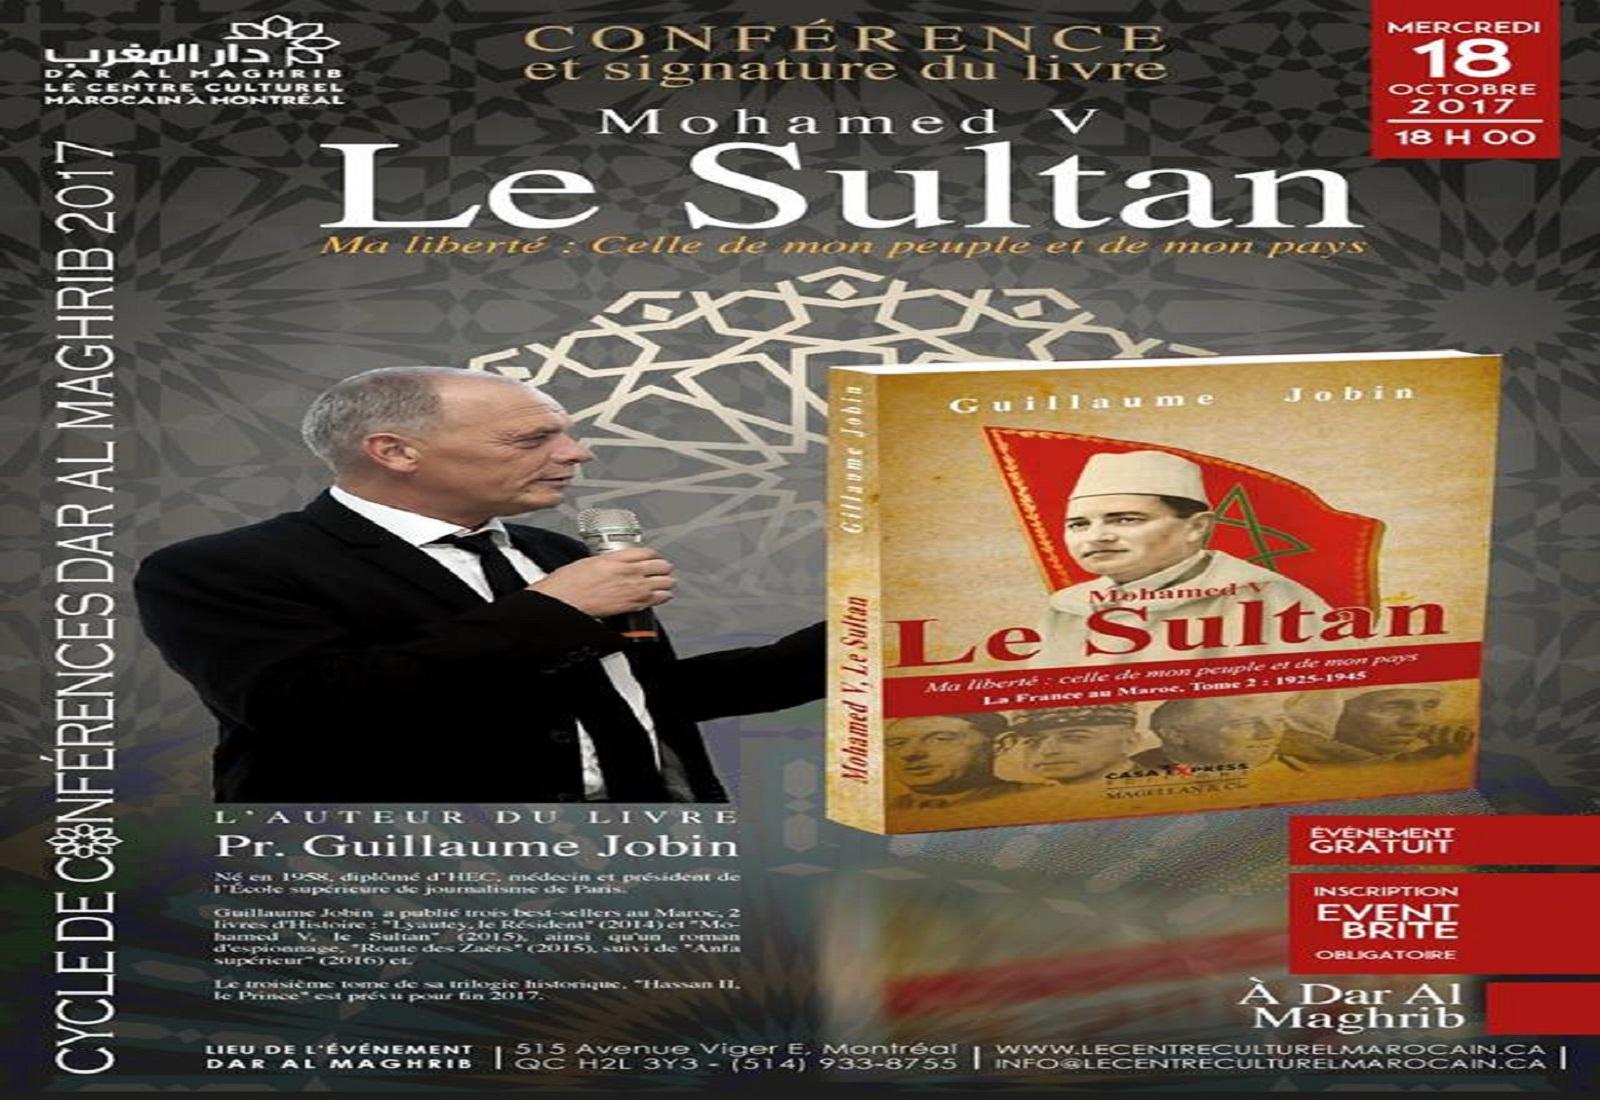 Conférence et signature du livre «Mohamed V le Sultan «